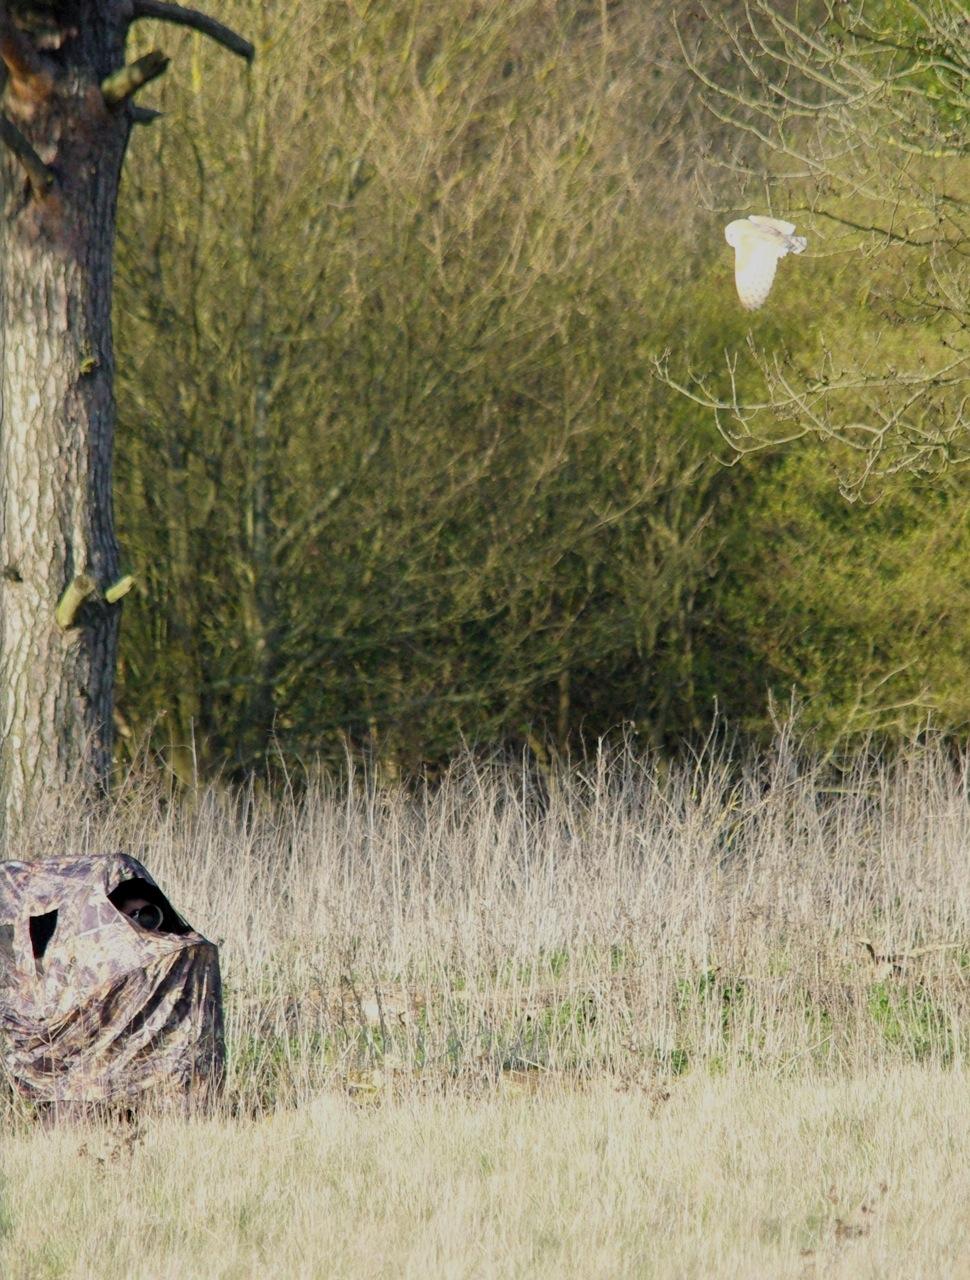 the wonderful Barn Owl